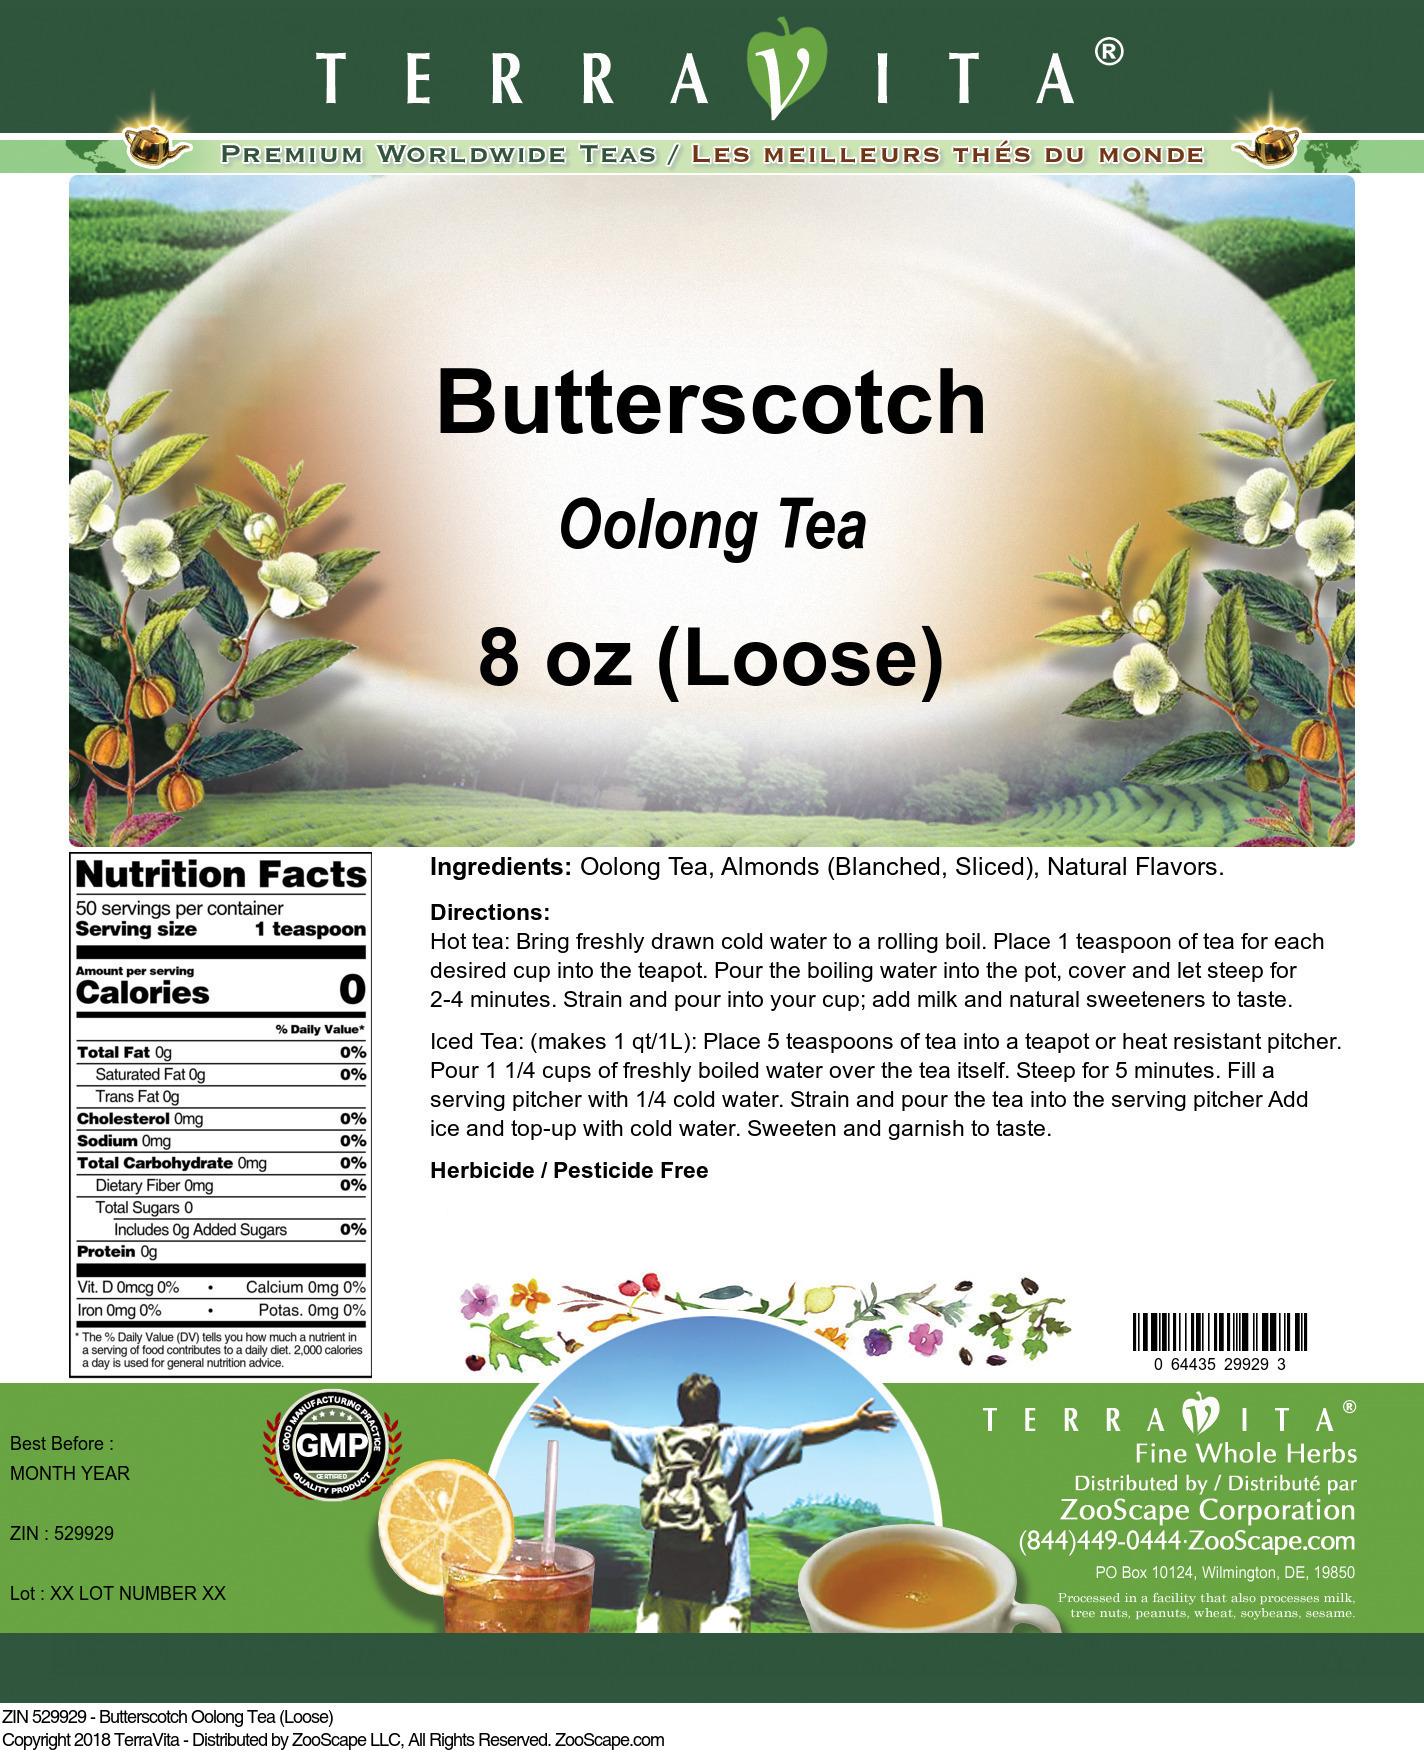 Butterscotch Oolong Tea (Loose)